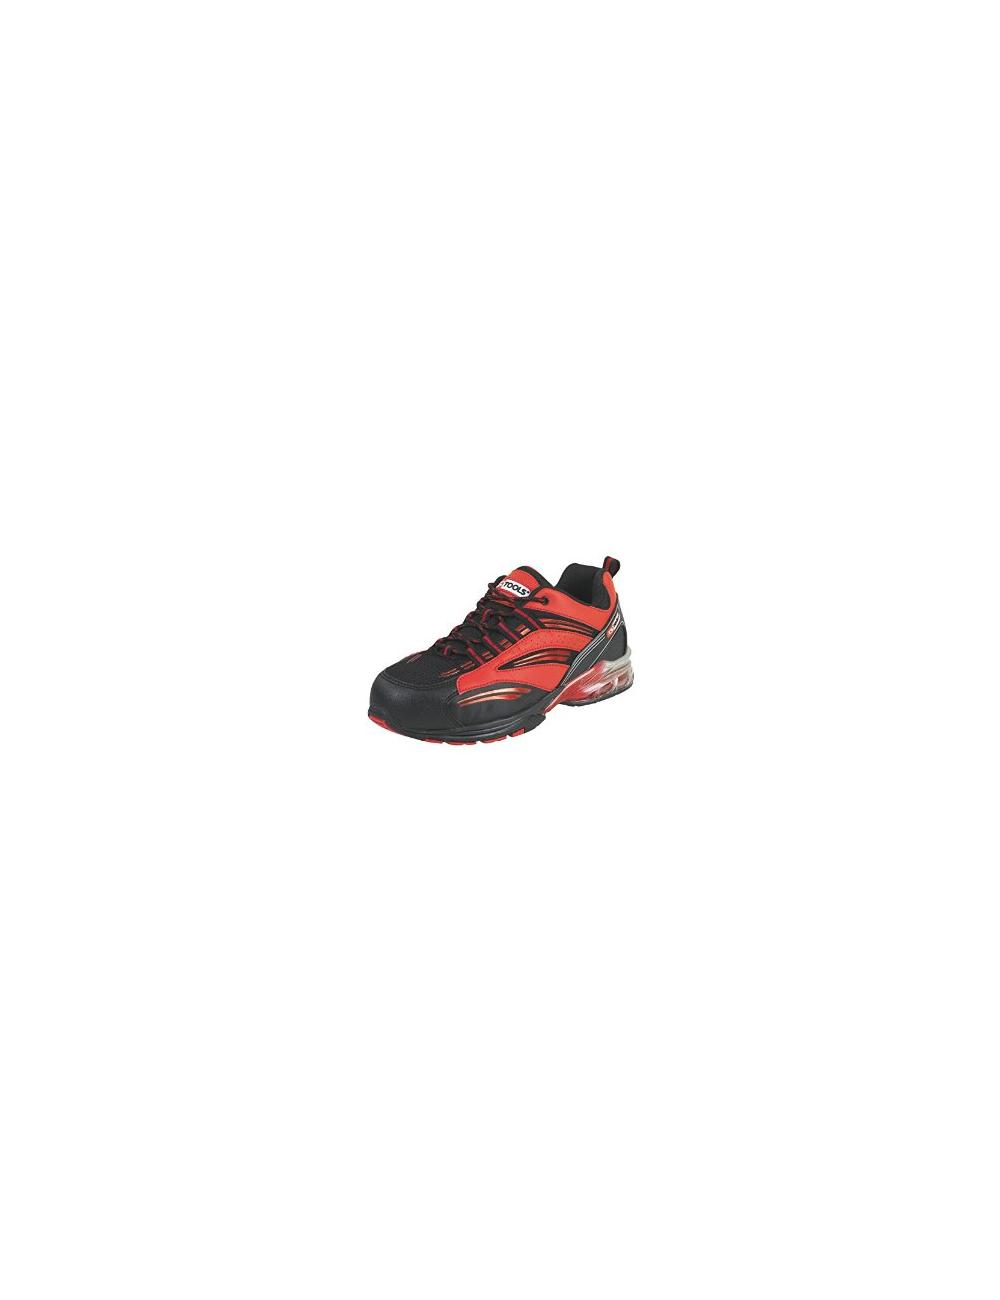 Chaussures de sécurité - Modèle coussin d'air rouge T38